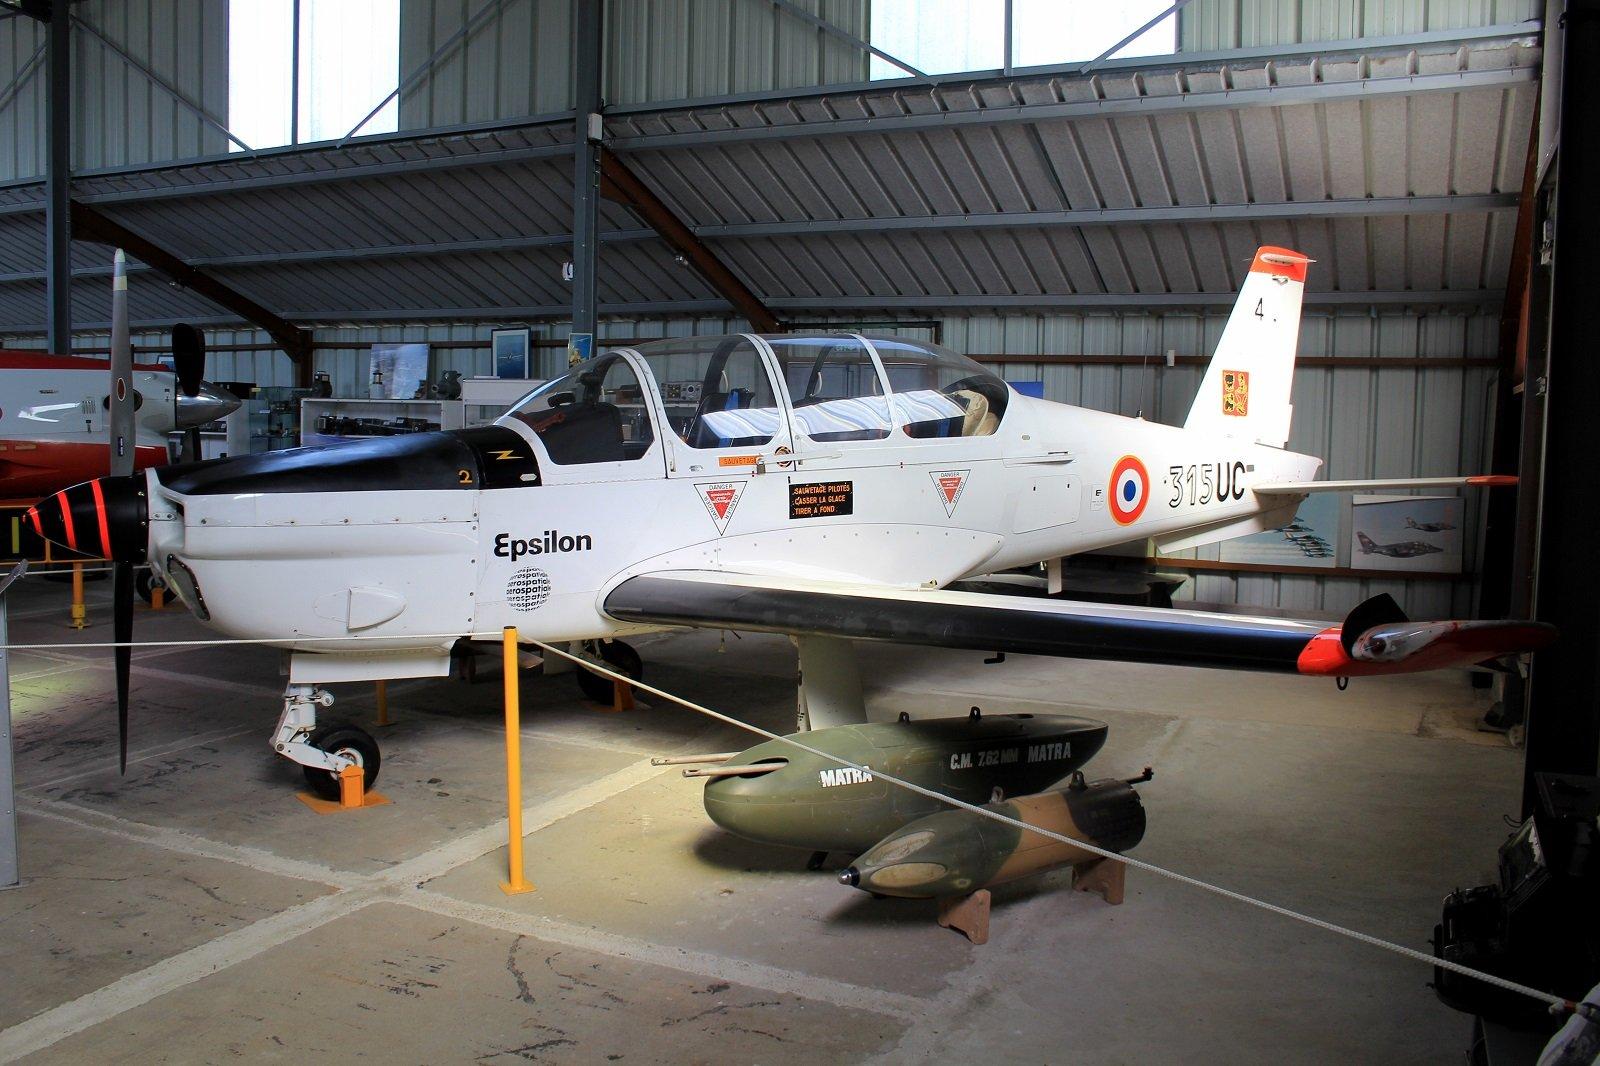 musée de l'aviation de chasse de Montelimar  - Page 2 191030070538902857